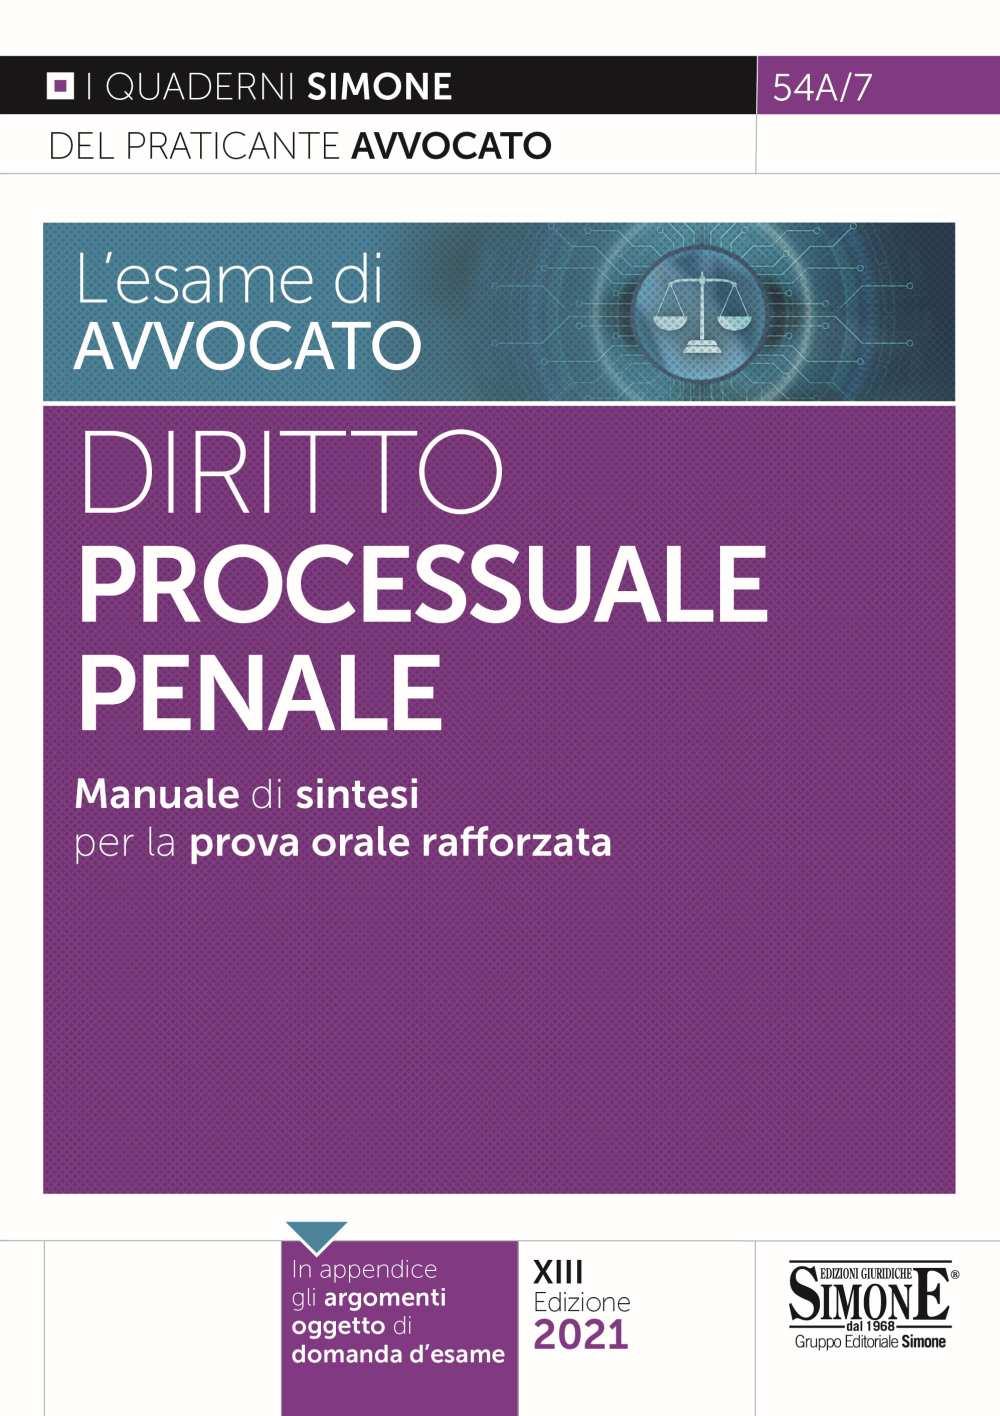 L'esame di avvocato - Diritto Processuale Penale - Manuale di sintesi